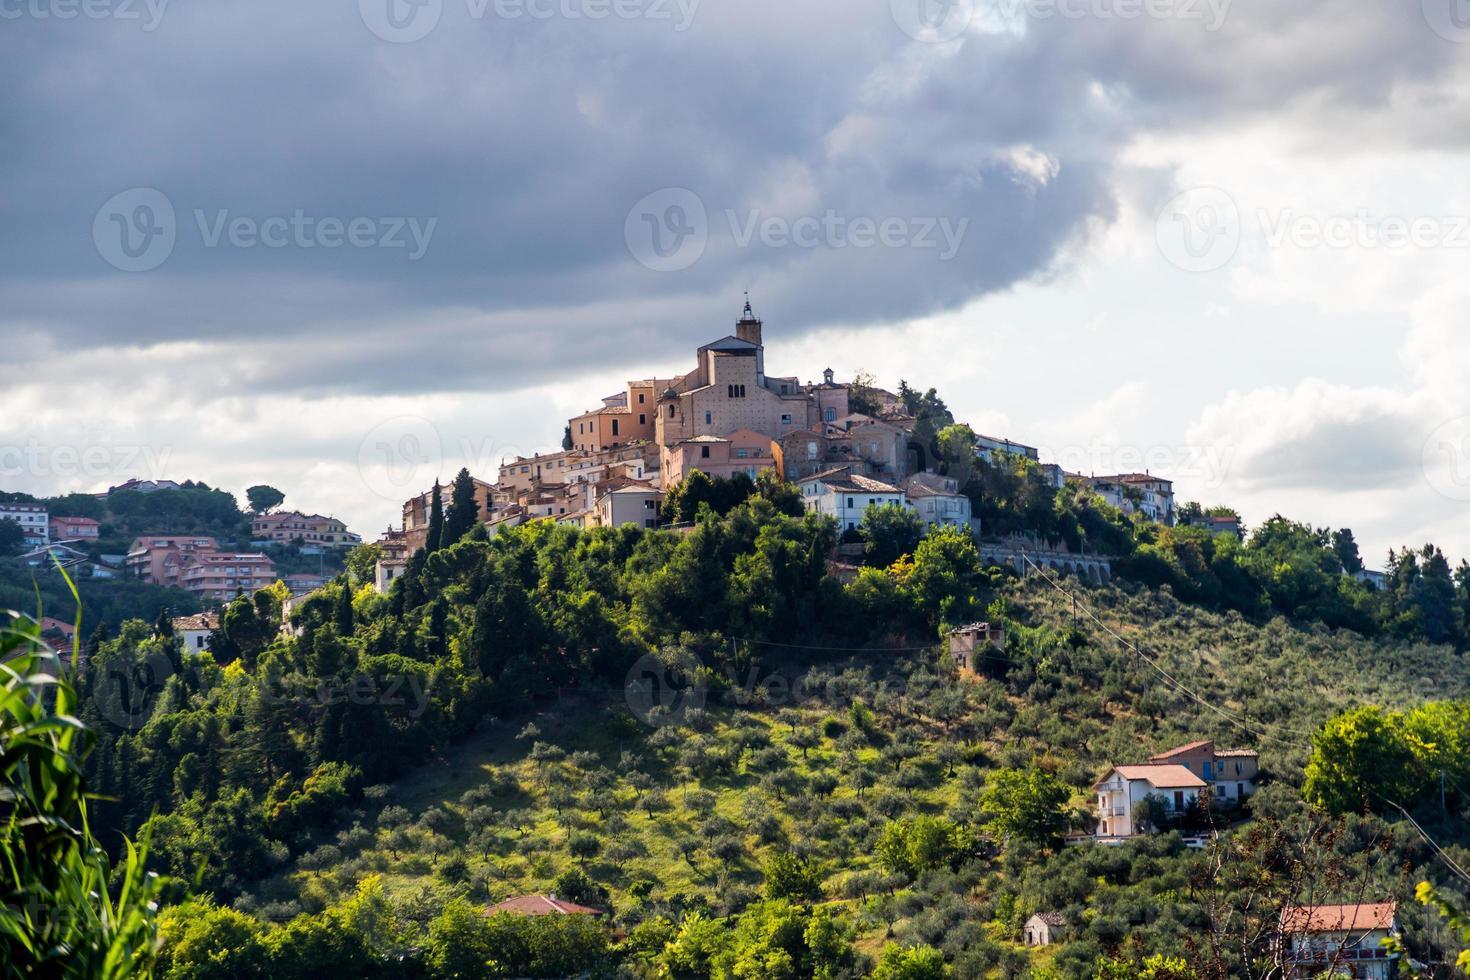 città medievale loreto aprutino, abruzzo, italia foto